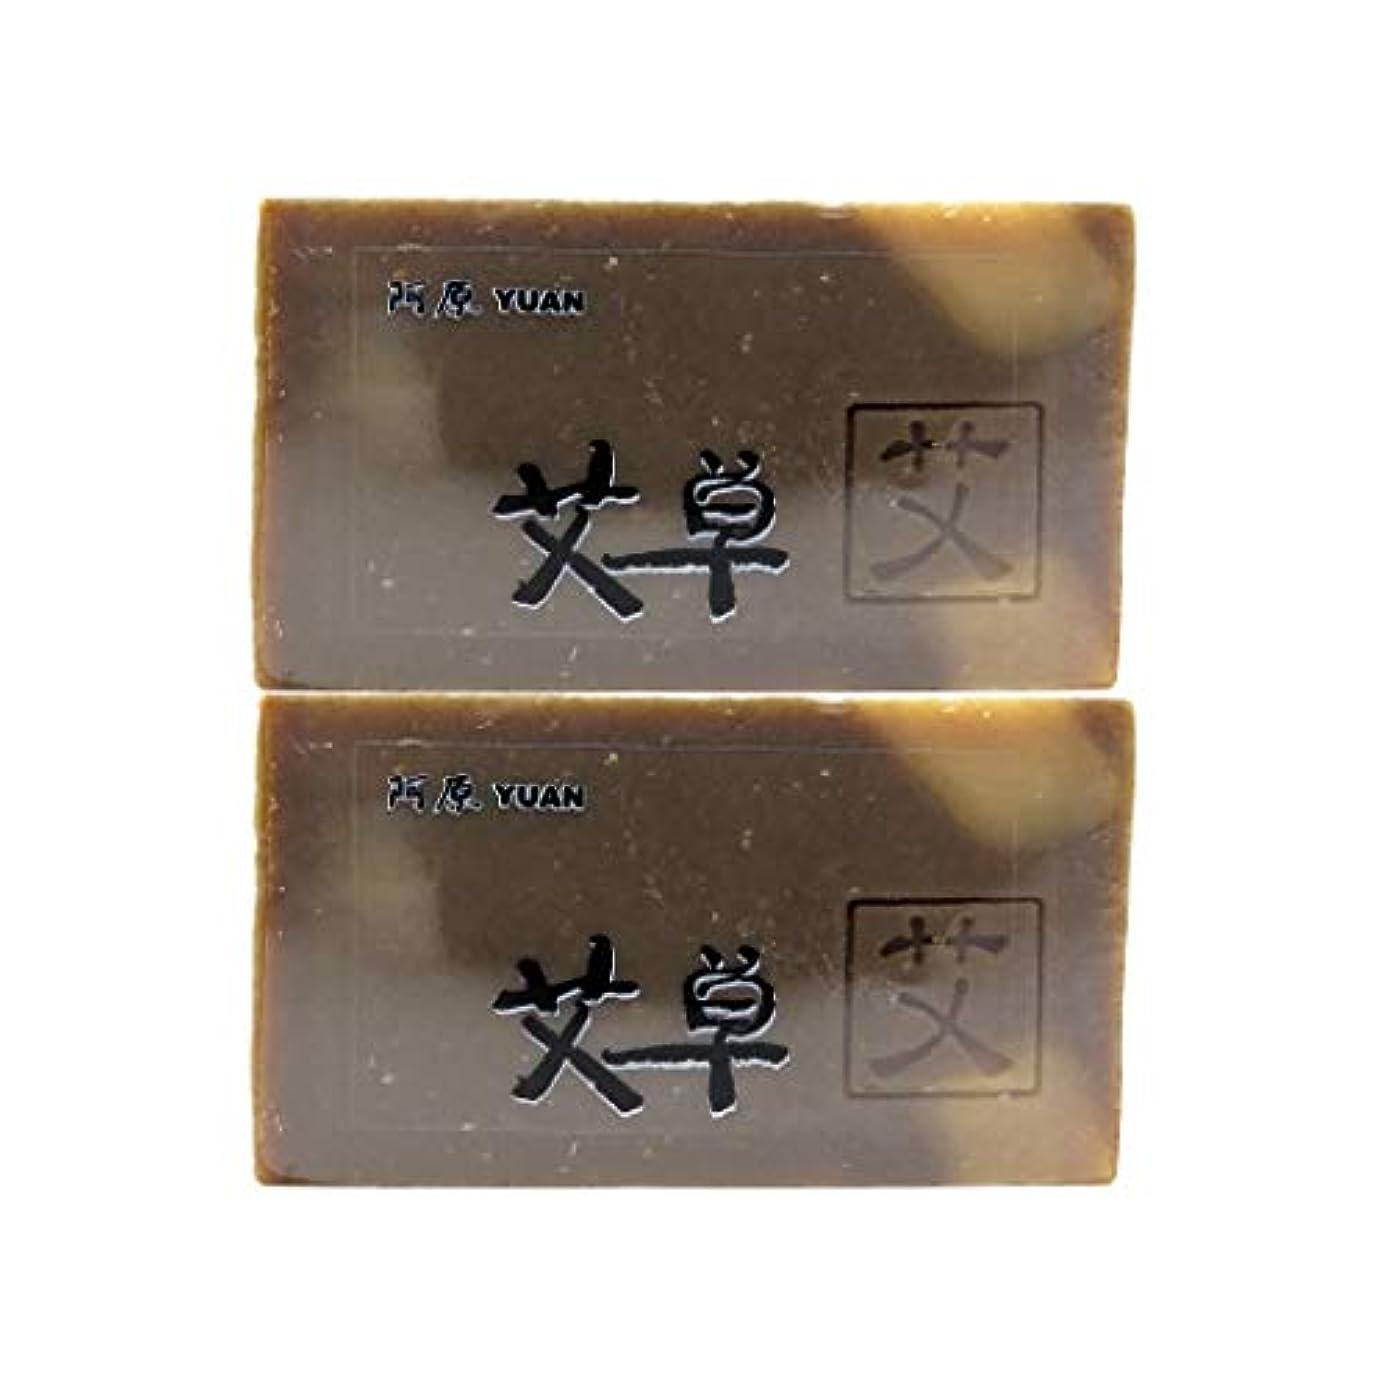 昇進ヒューズ束ねるユアン(YUAN) ヨモギソープ 100g (2個セット)